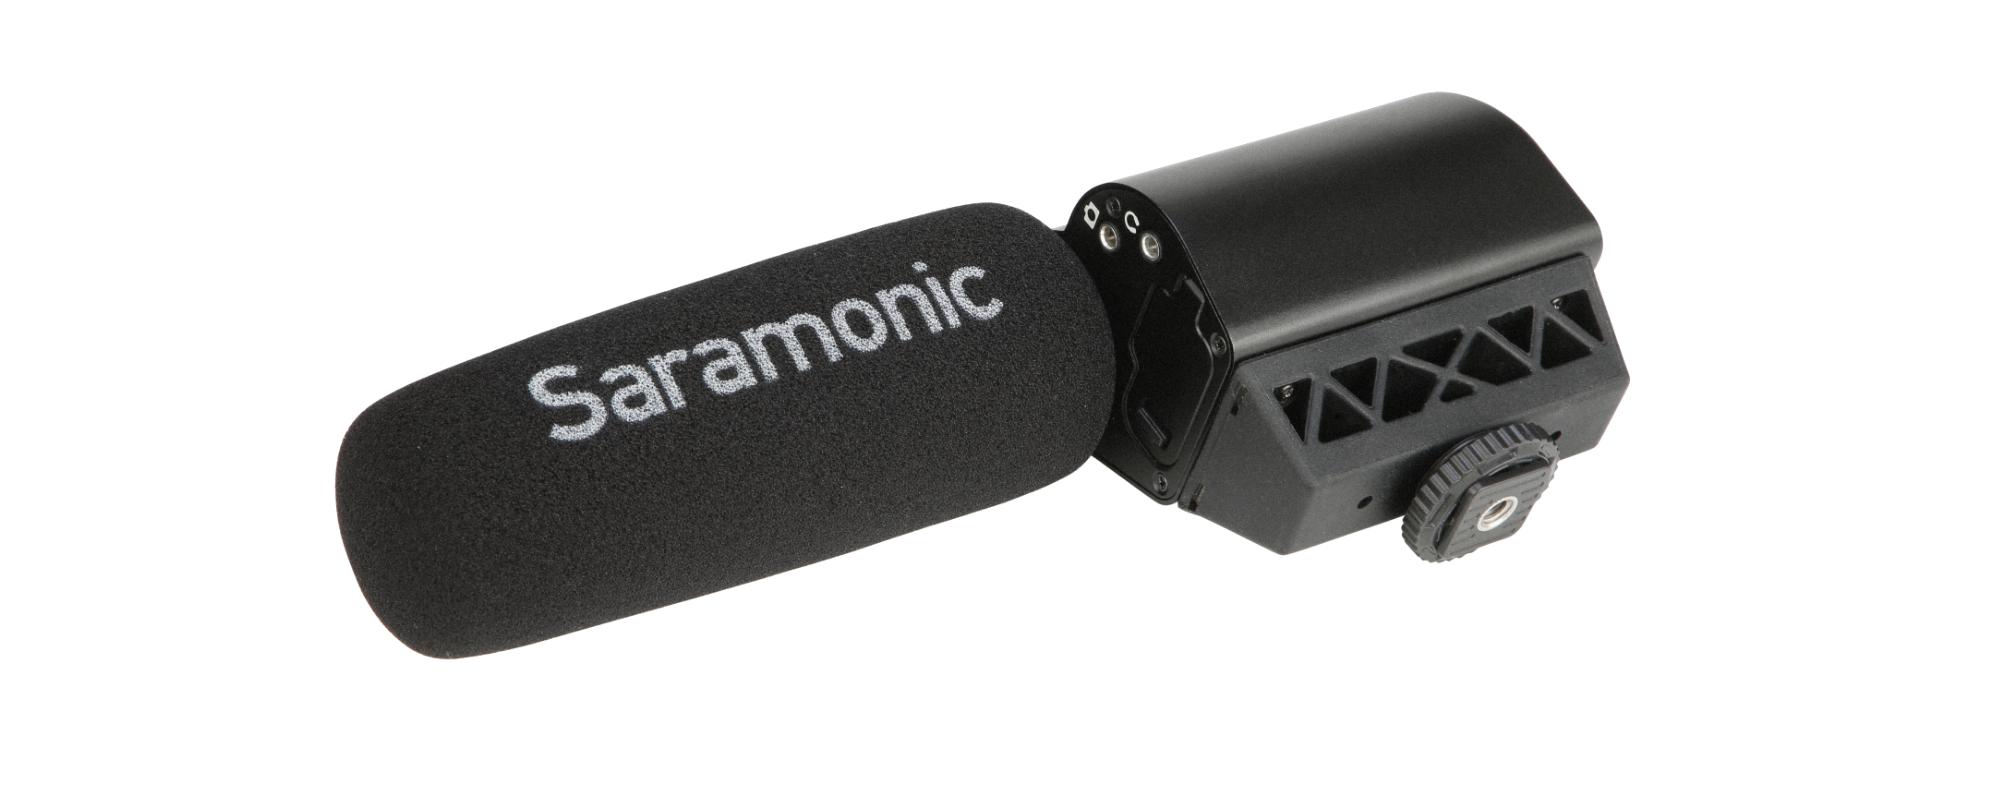 Mikrofon pojemnościowy Saramonic Vmic Pro Mark  II do aparatów i kamer